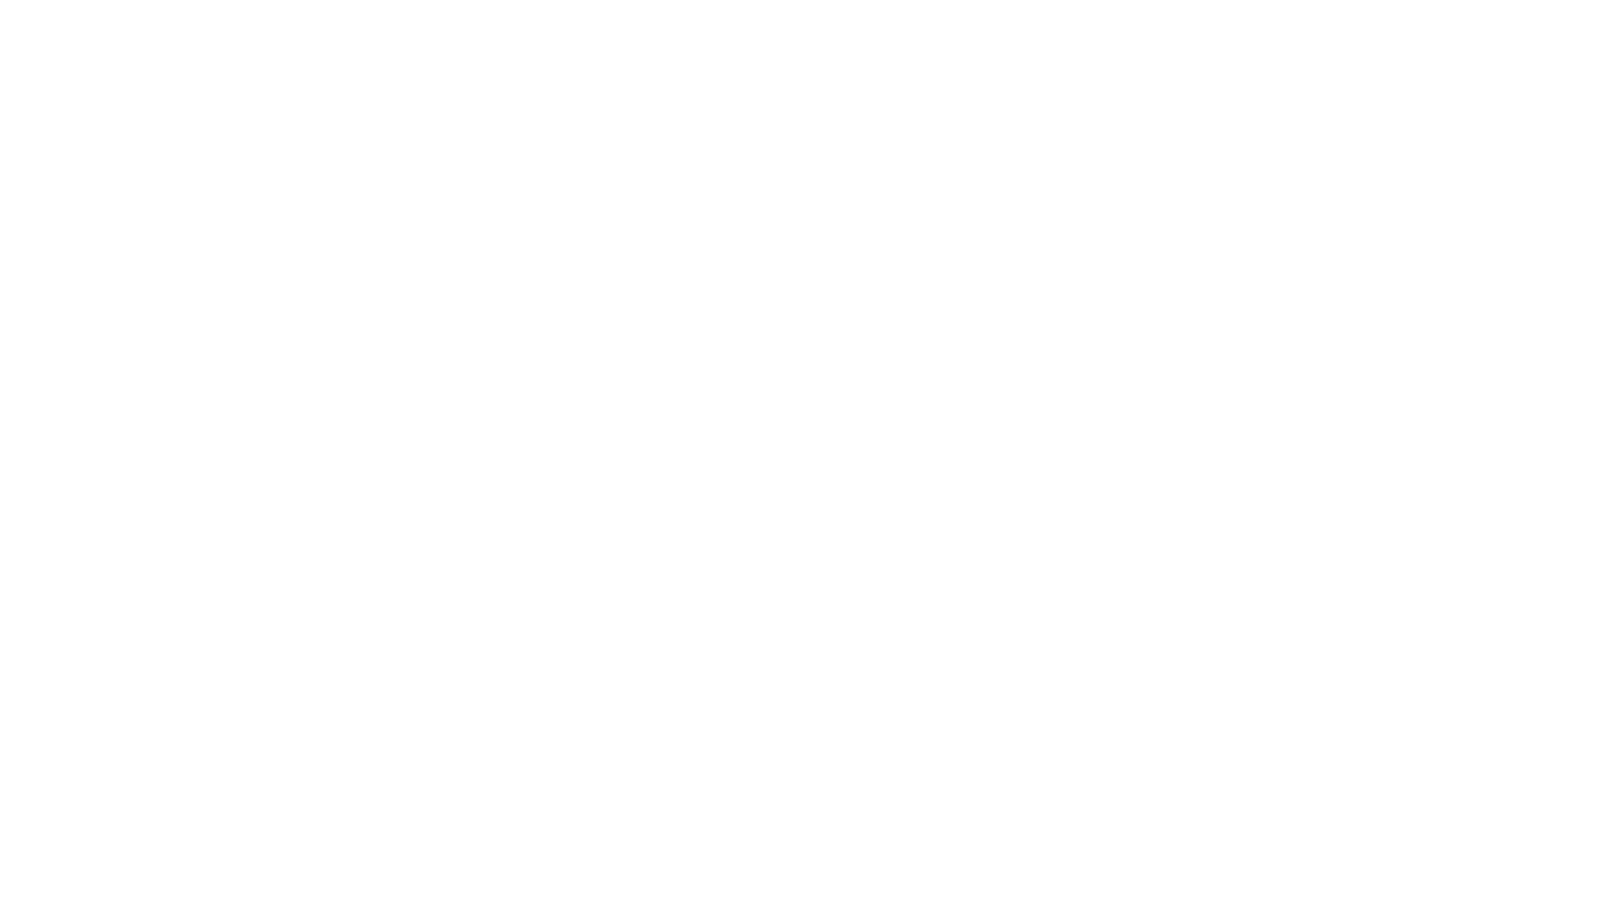 El profesor de la Universidad de Chile, Dr. Pedro Retamal, habla sobre los impactos psicológicos más usuales en casos de delincuencia común.  El Dr. Retamal tiene más de 30 años de experiencia en Enfermedades del Ánimo, como Depresión y Trastorno Bipolar.  Para más información sobre sus servicios, puedes visitar su sitio web: https://www.psiquiatriachile.cl/  Teléfono: +569 4477 0784 Correo: pretamalc@hotmail.com